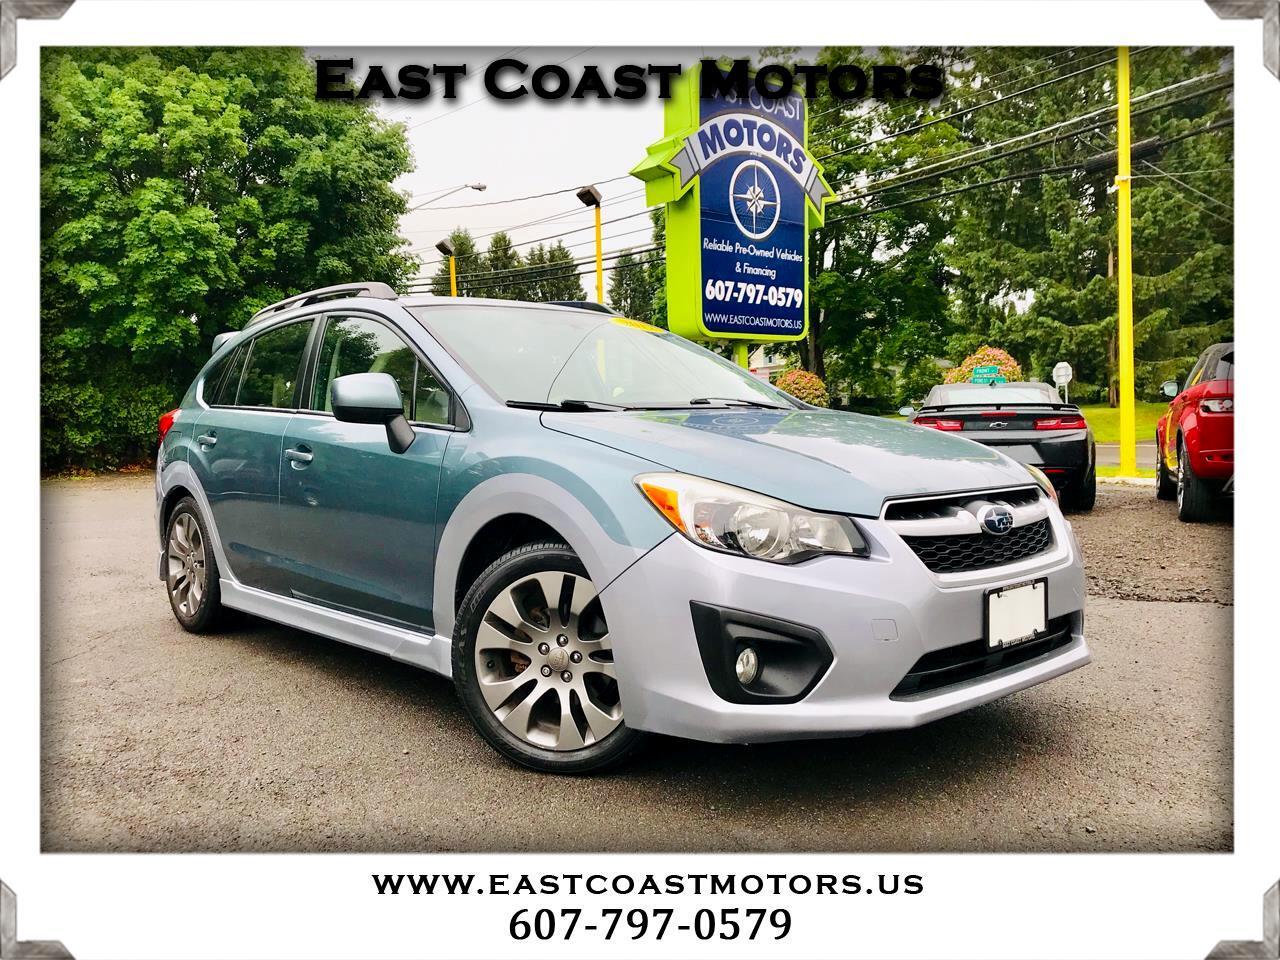 Used 2012 Subaru Impreza 2.0i Sport Premium For Sale In